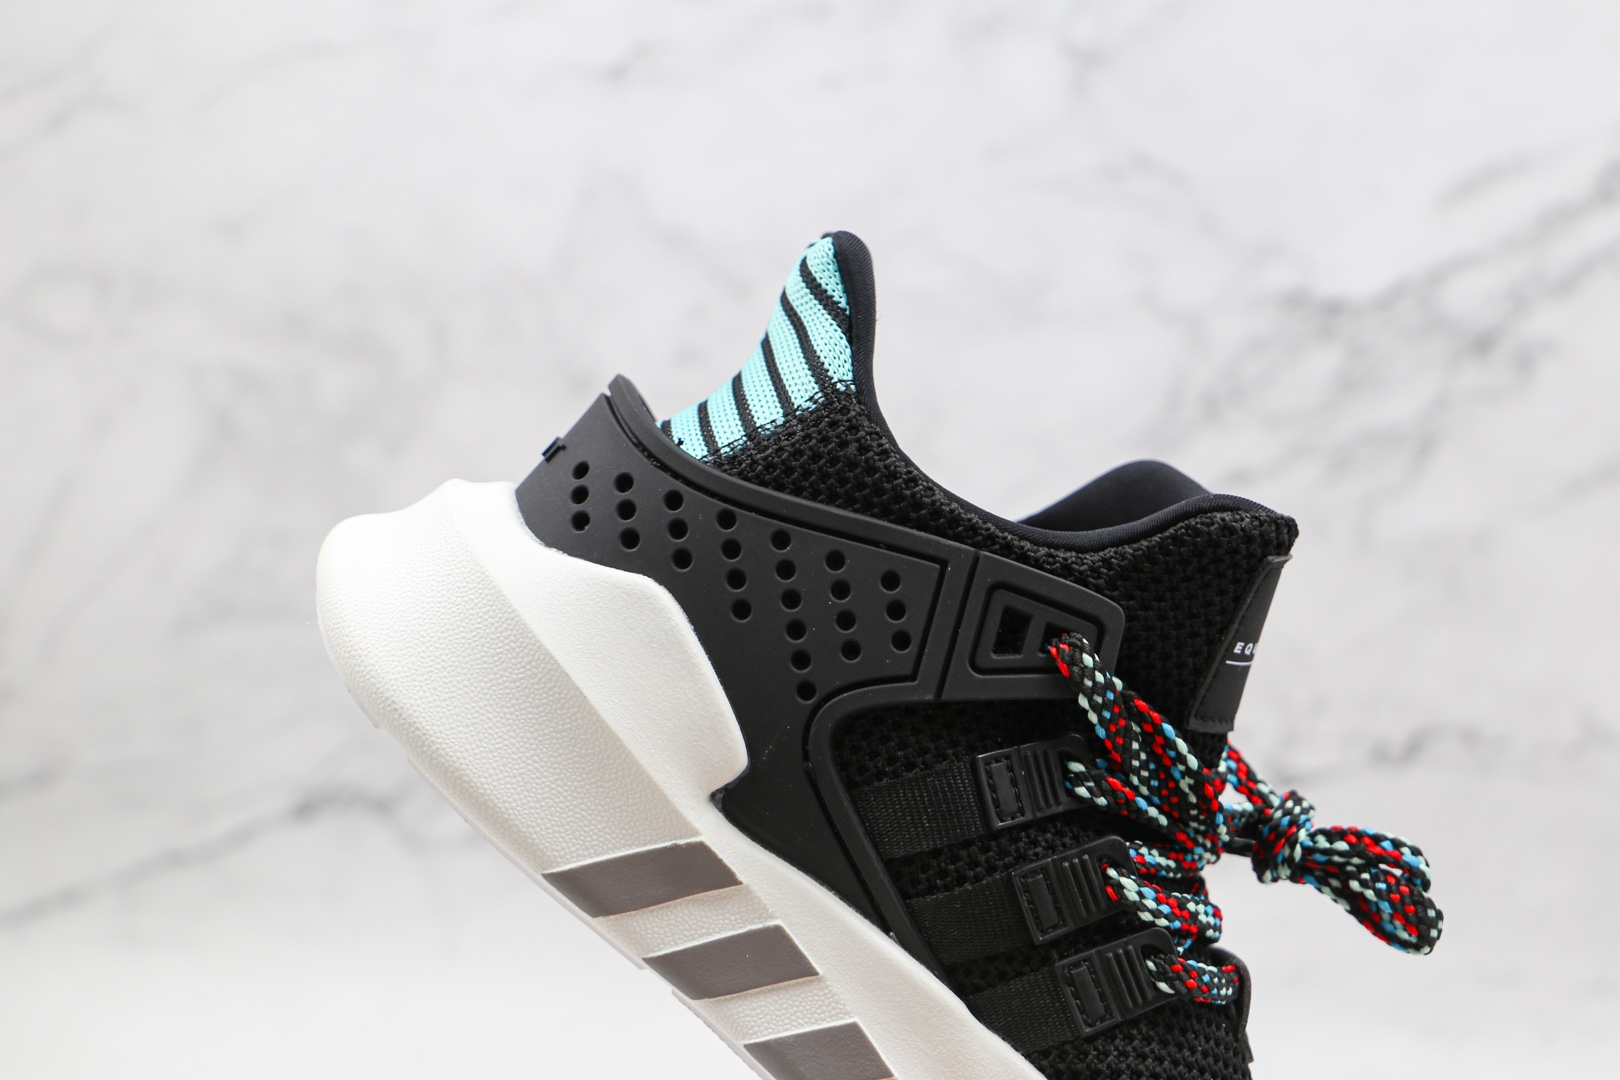 阿迪达斯Adidas EQT BASK ADV纯原版本三叶草支撑者系列黑绿色EQT慢跑鞋原楦头纸板打造 货号:CQ2993